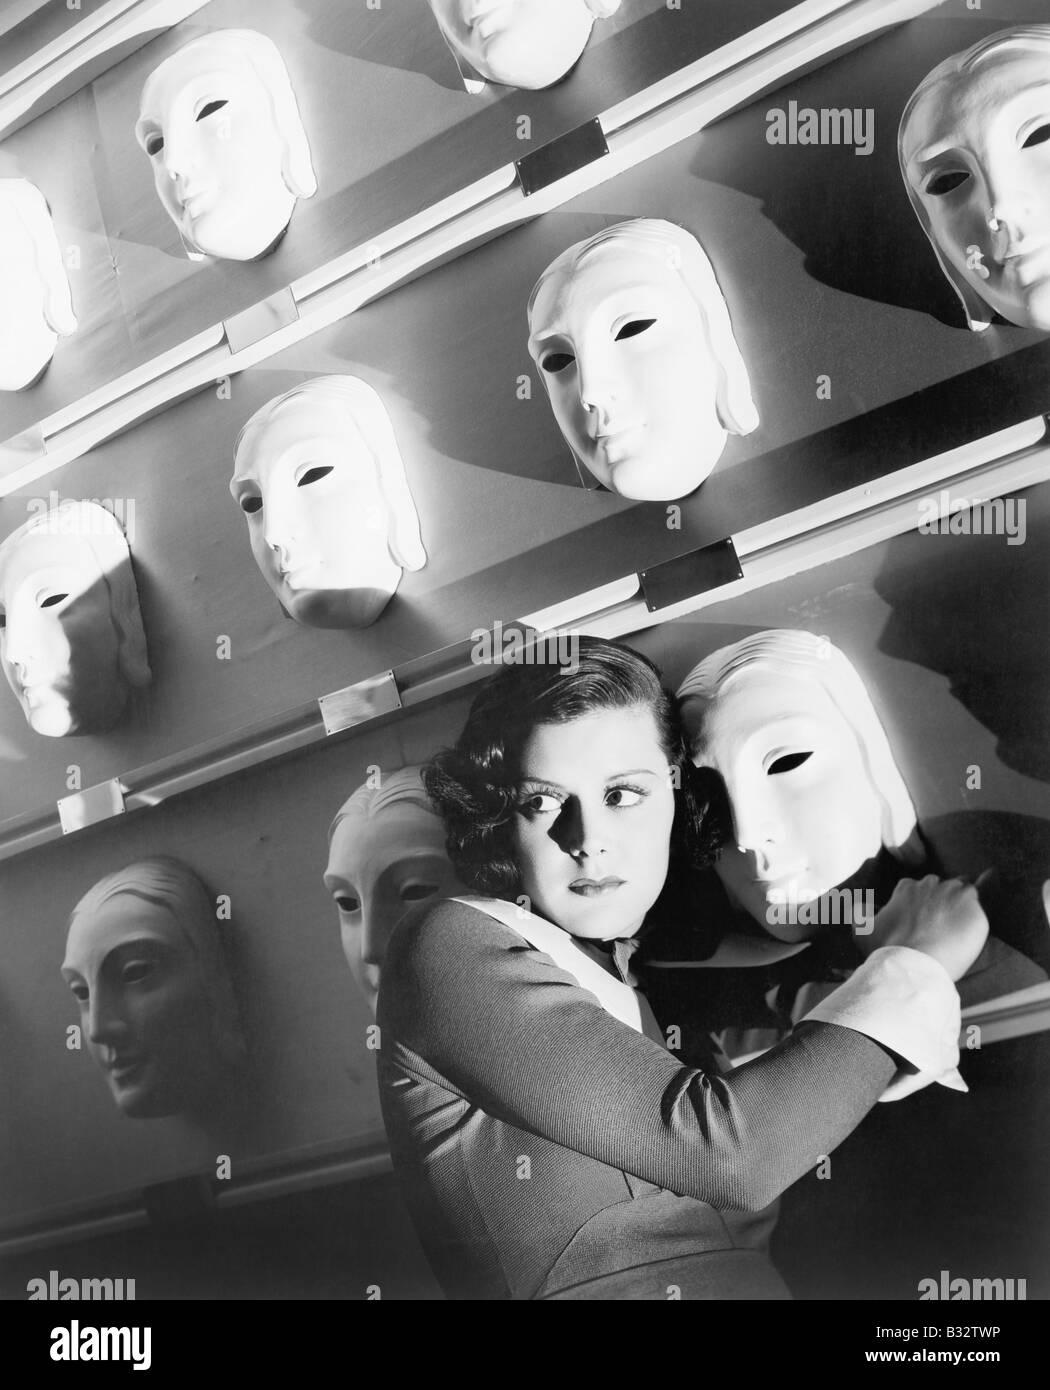 Frau, die Angst hielt sich an eine Maske an der Wand der Masken Stockfoto